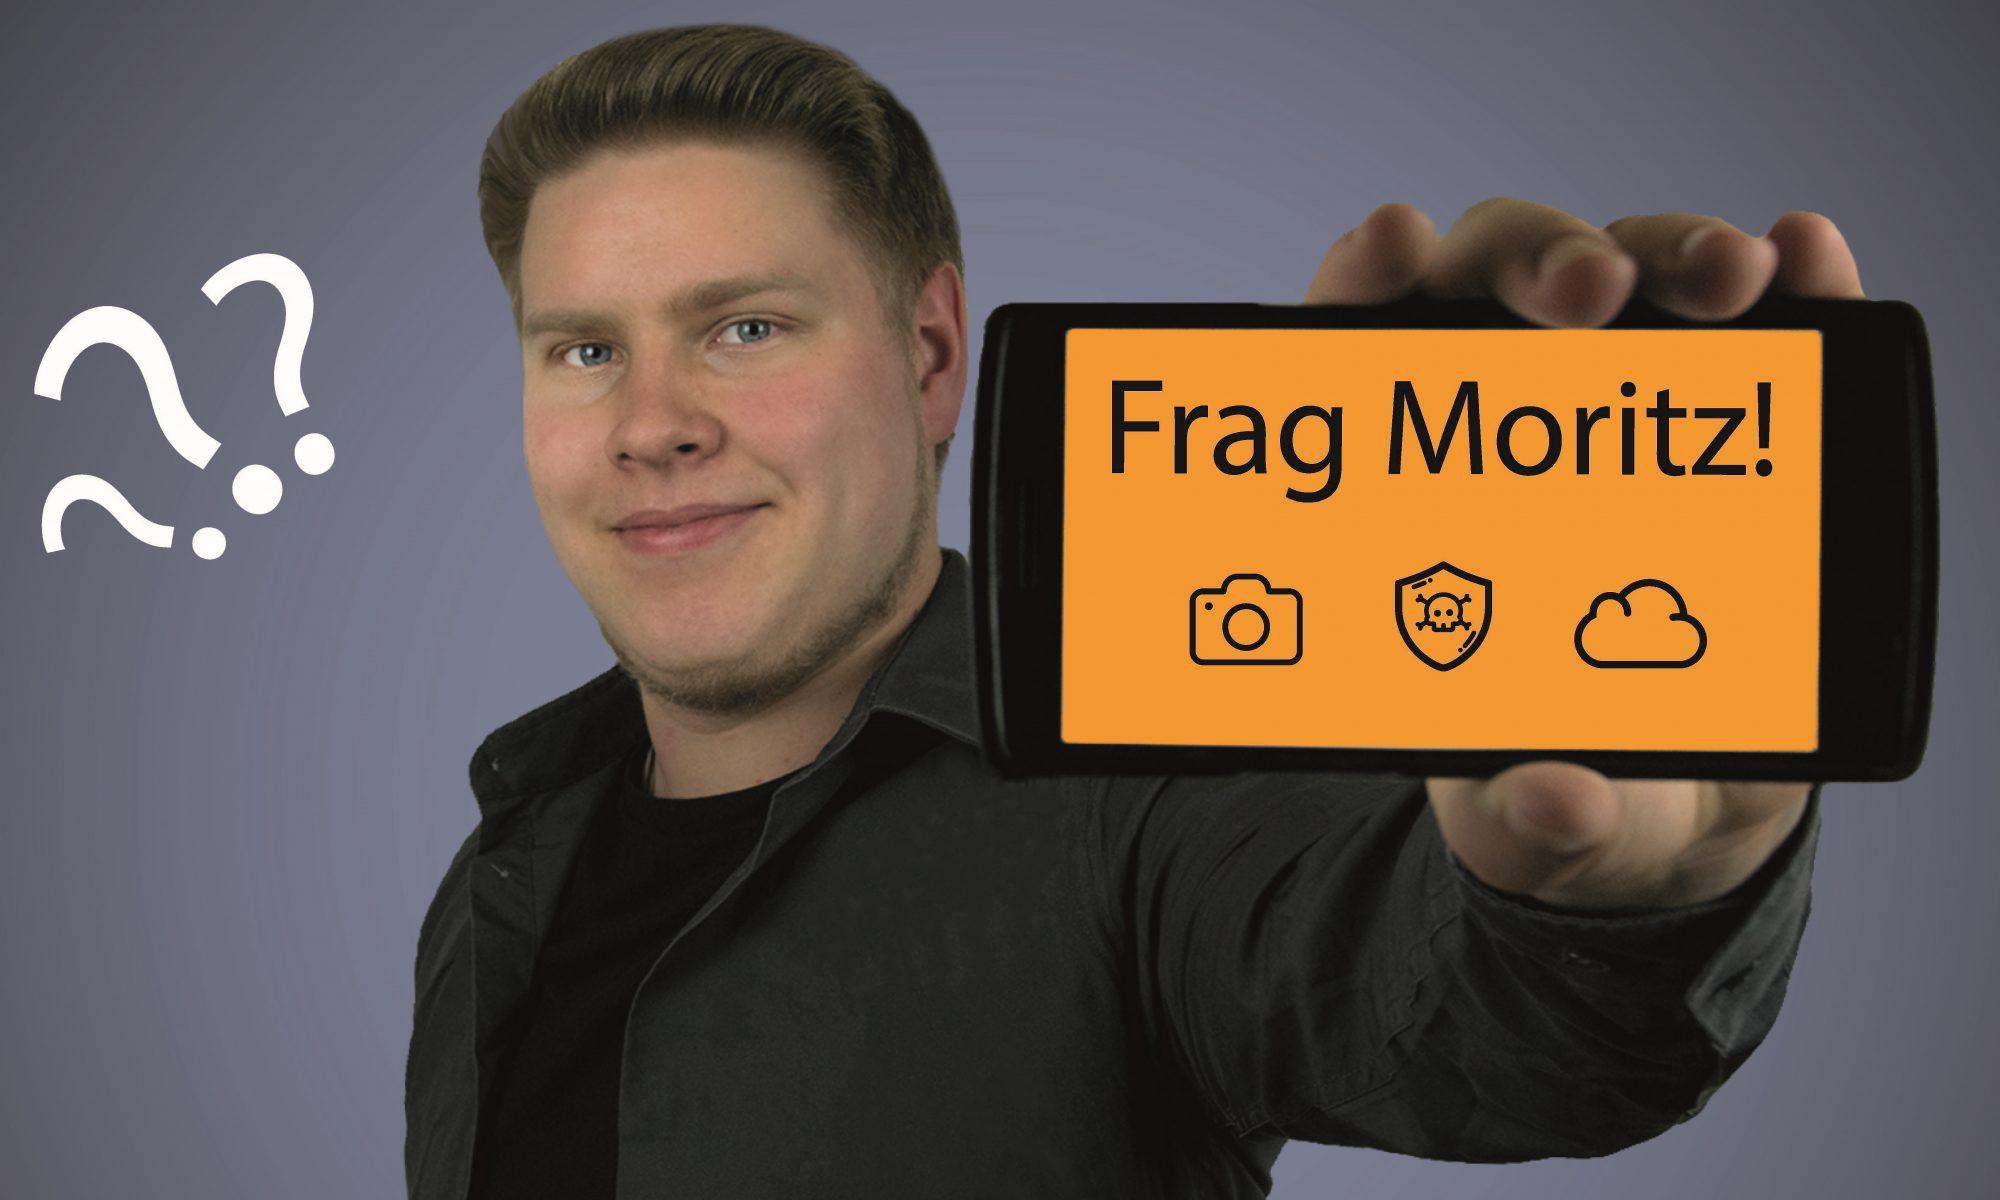 Frag Moritz